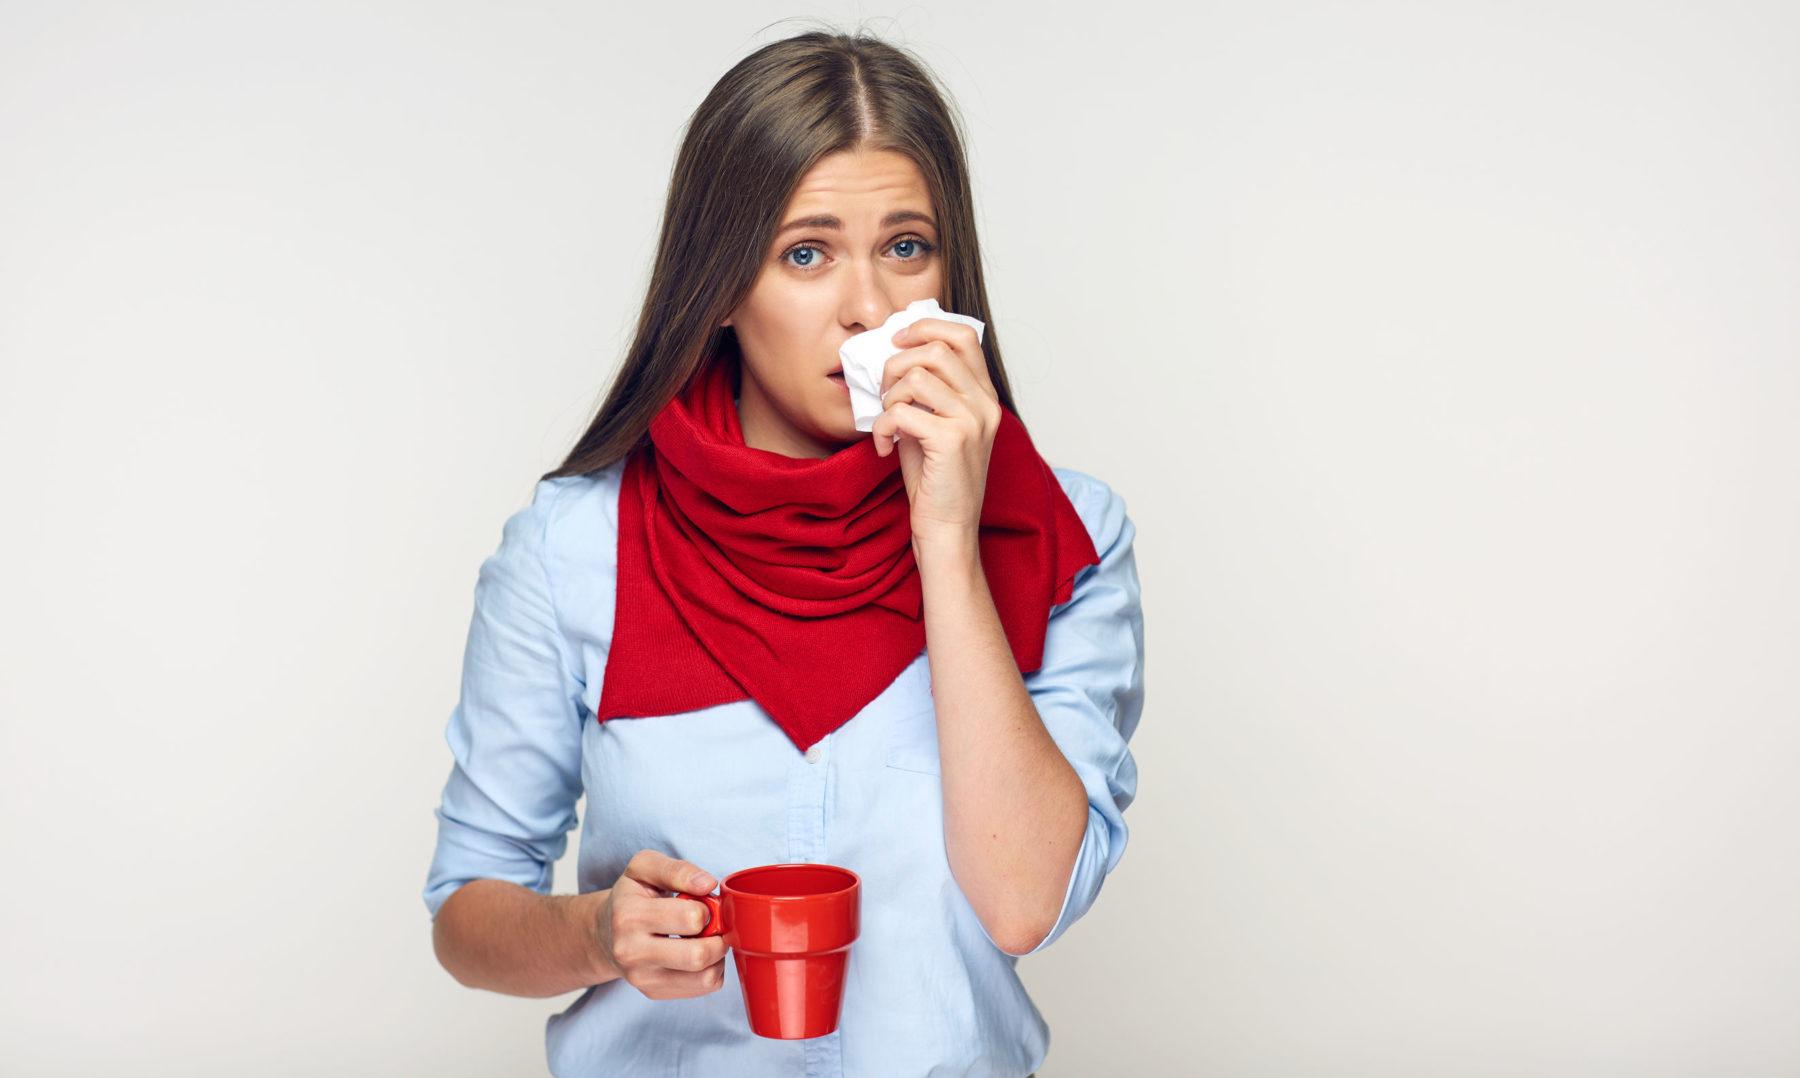 Κορoνοϊός- Αντισώματα: Για πόσους μήνες παραμένουν υψηλά μετά τη λοίμωξη